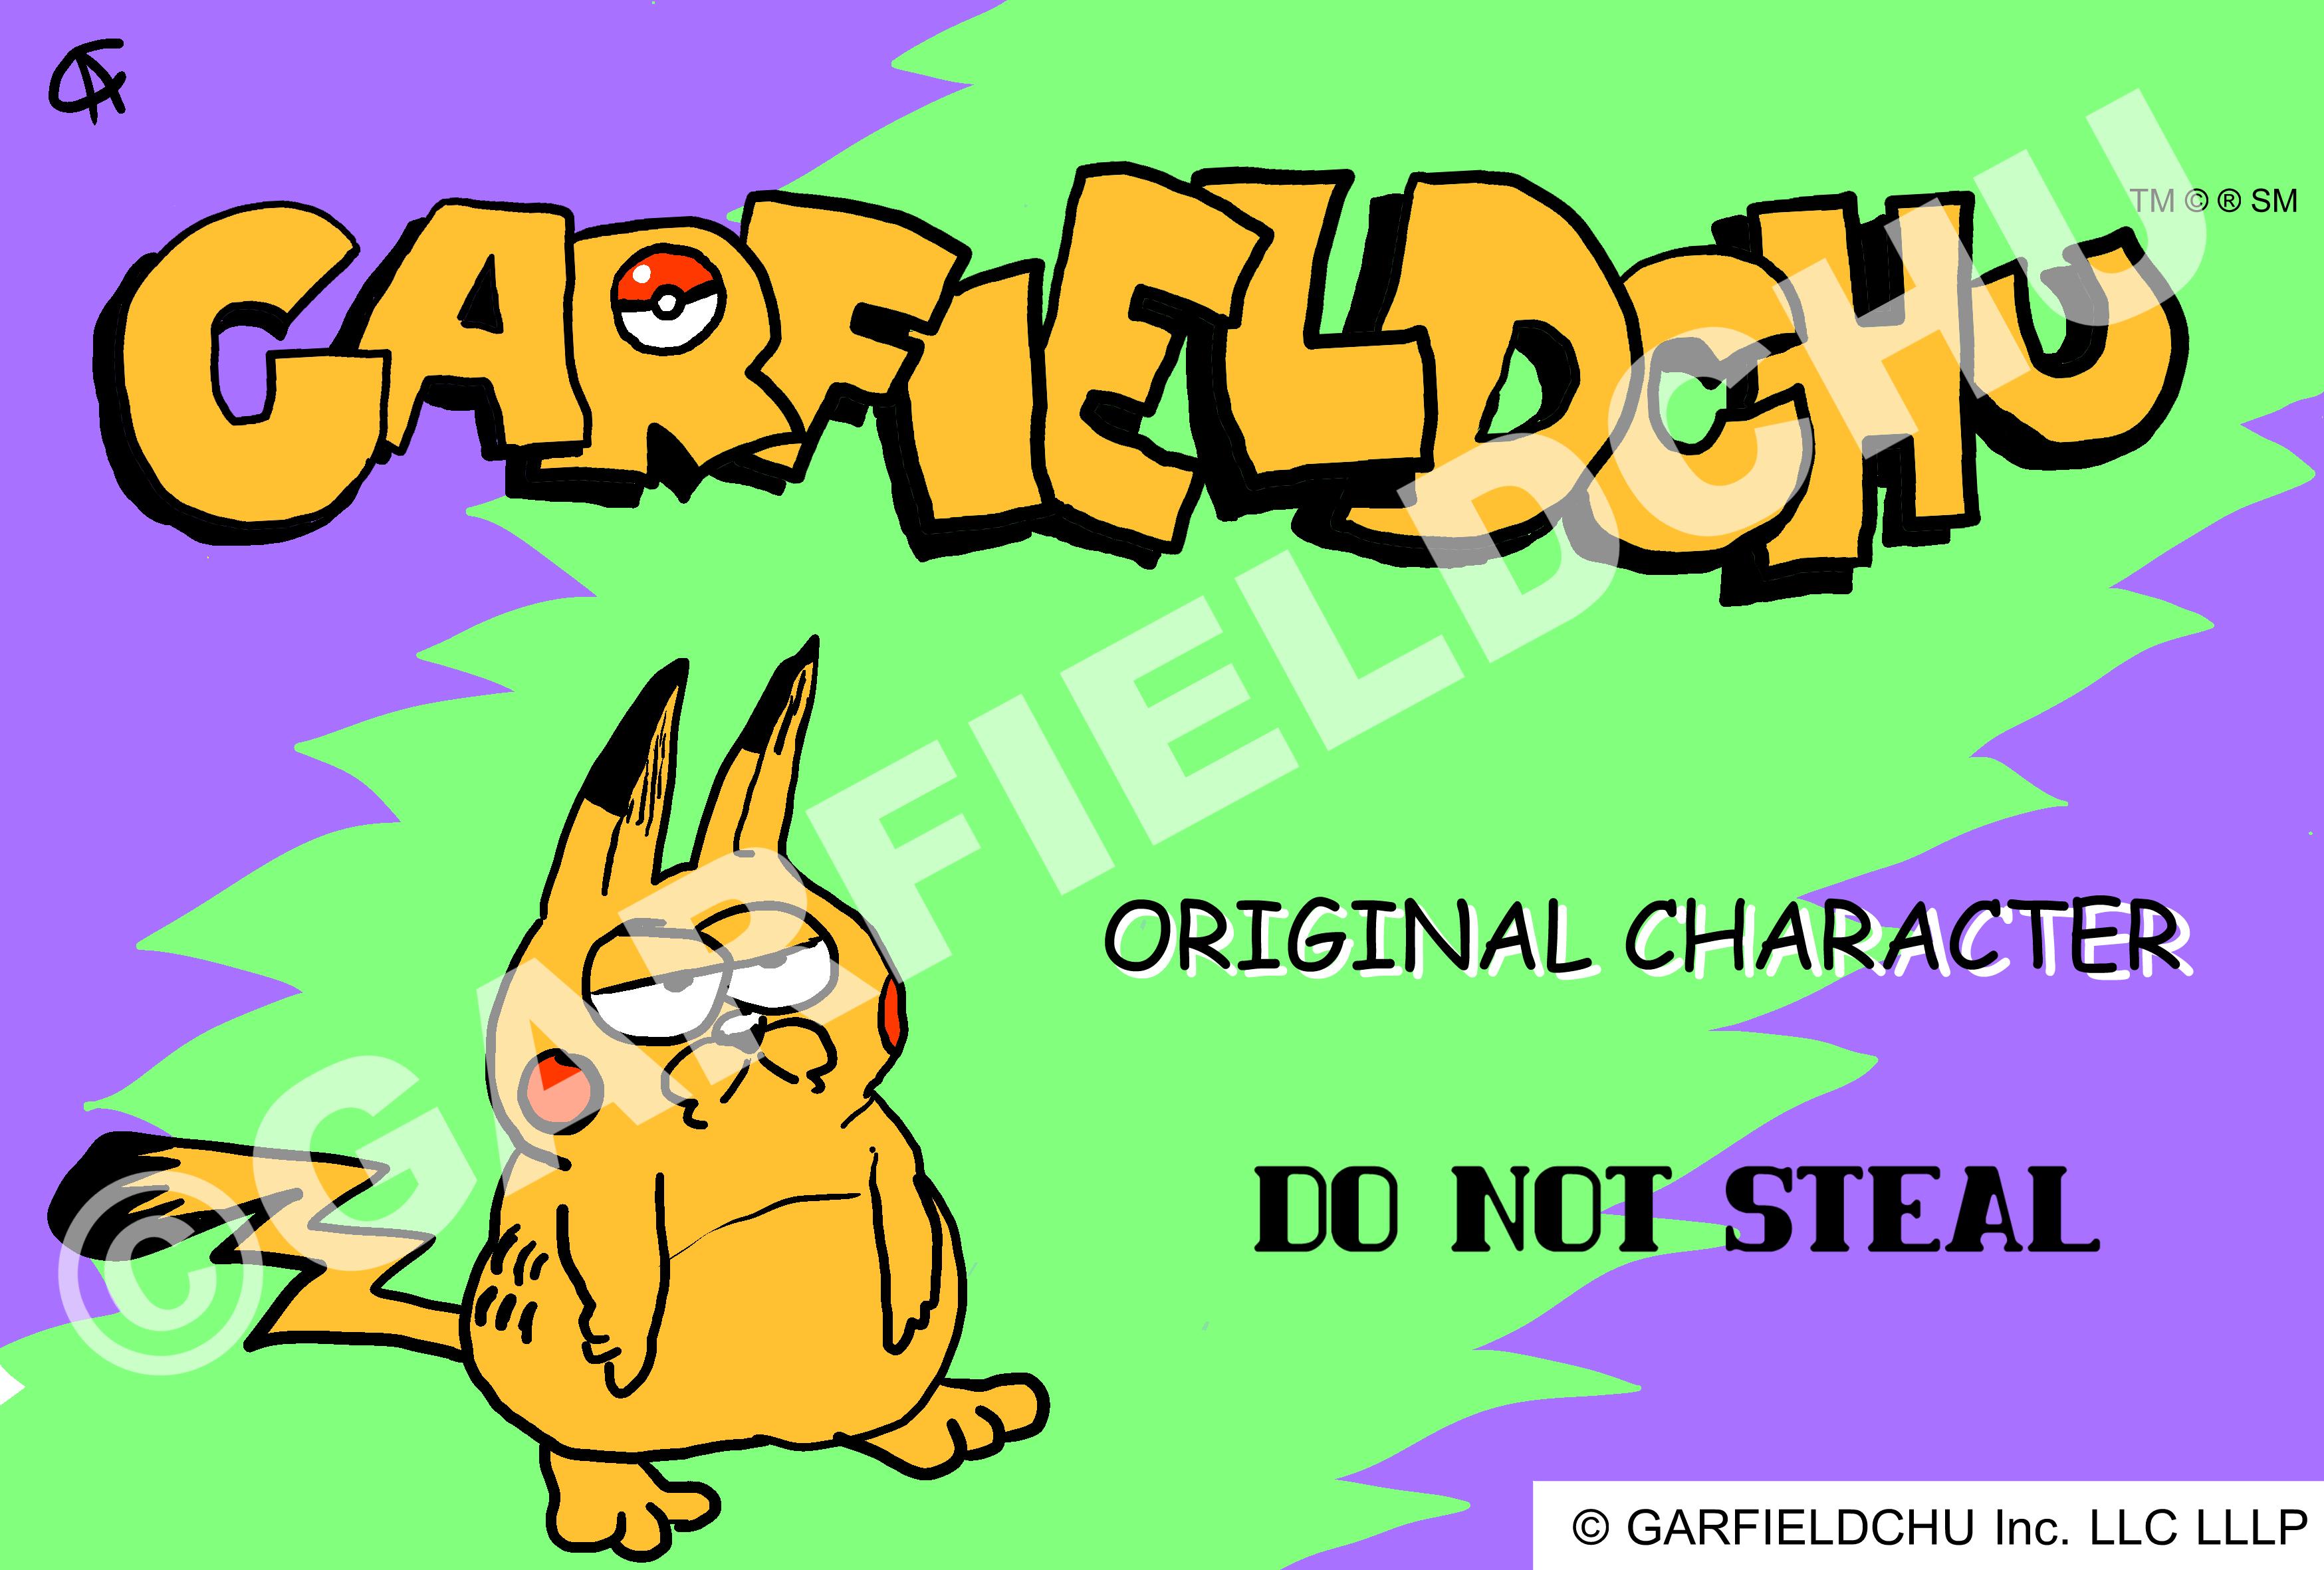 GARFIELDCHU [ORIGINAL CHARACTER] DO NOT STEAL!!!